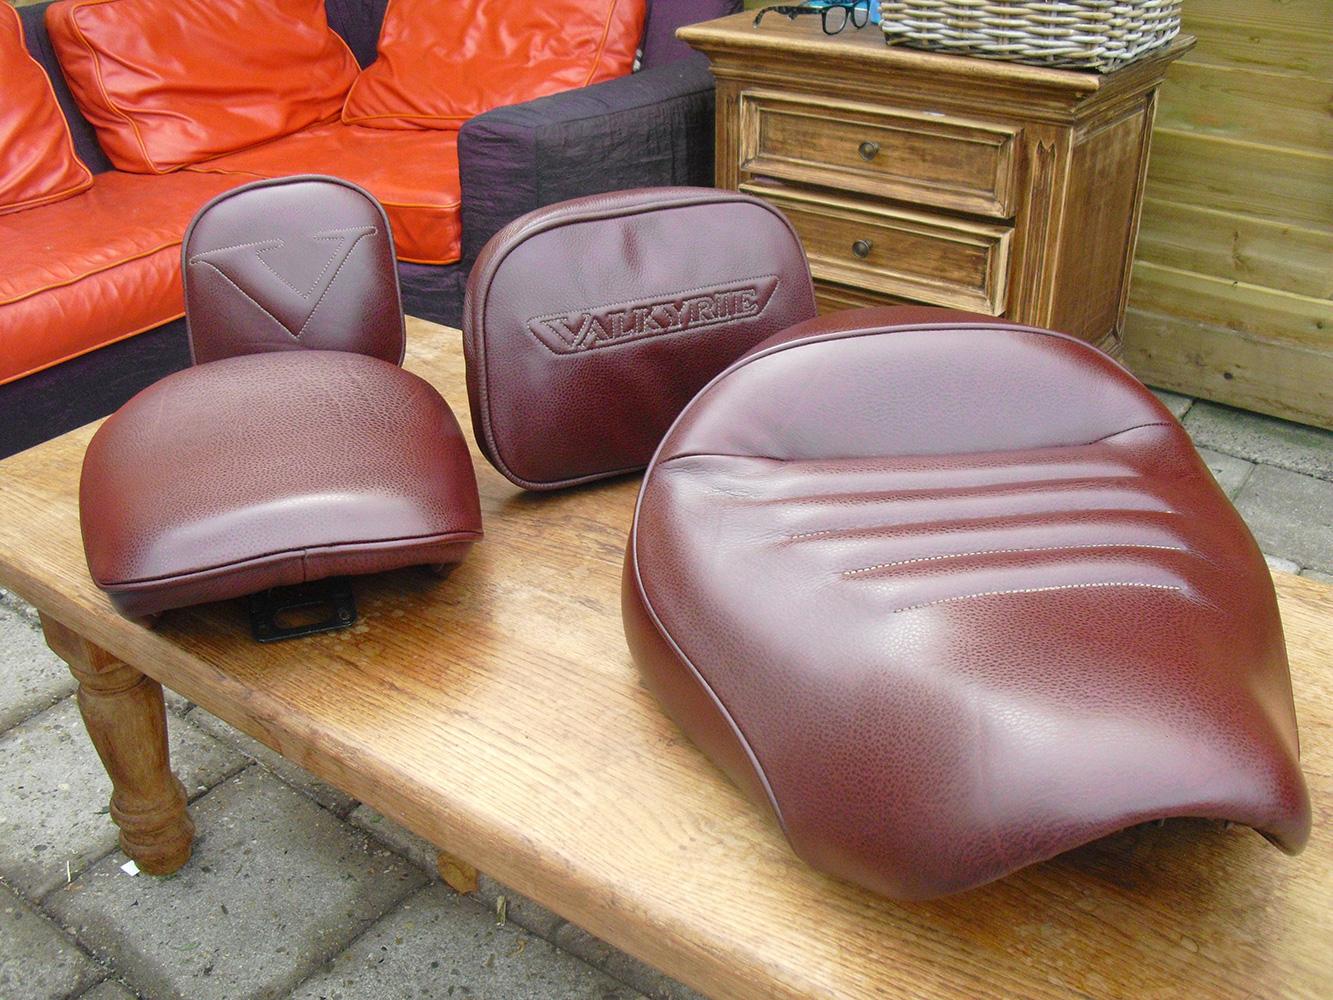 Stoel Stofferen Prijs : Bekend fauteuil opnieuw bekleden #zsv34 agneswamu